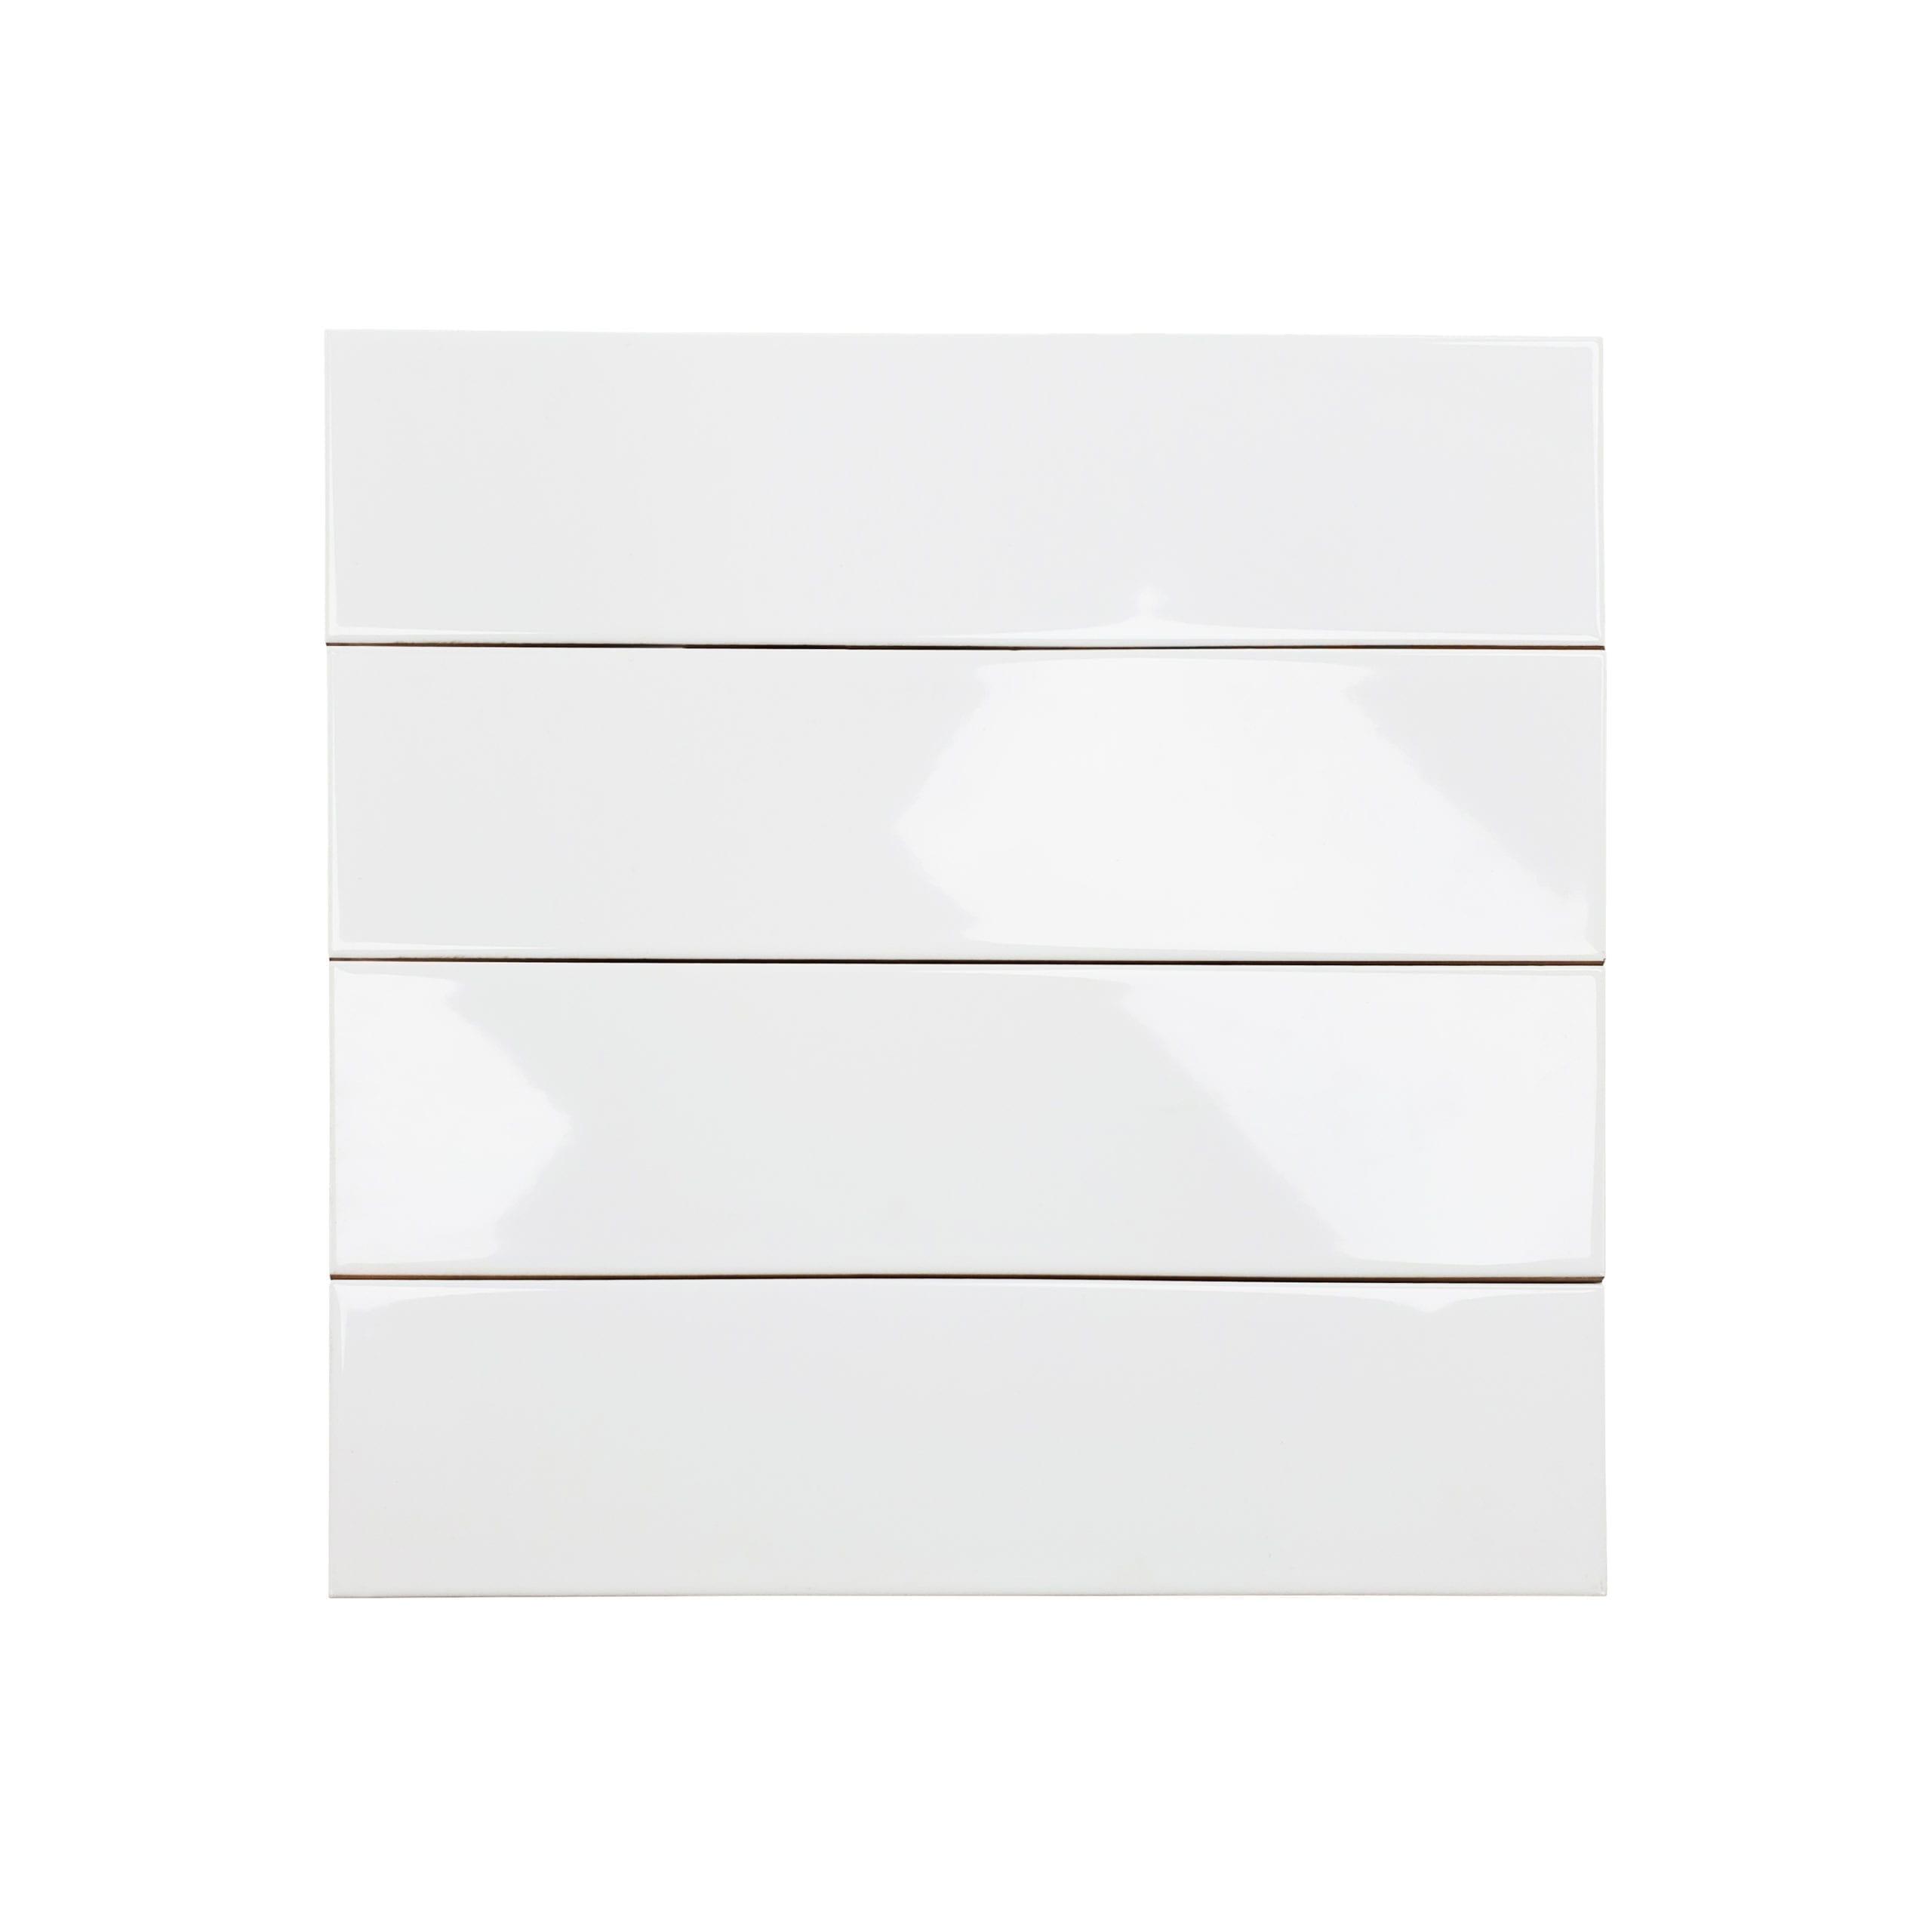 4×16 Soho Glossy Tile_White_1.99